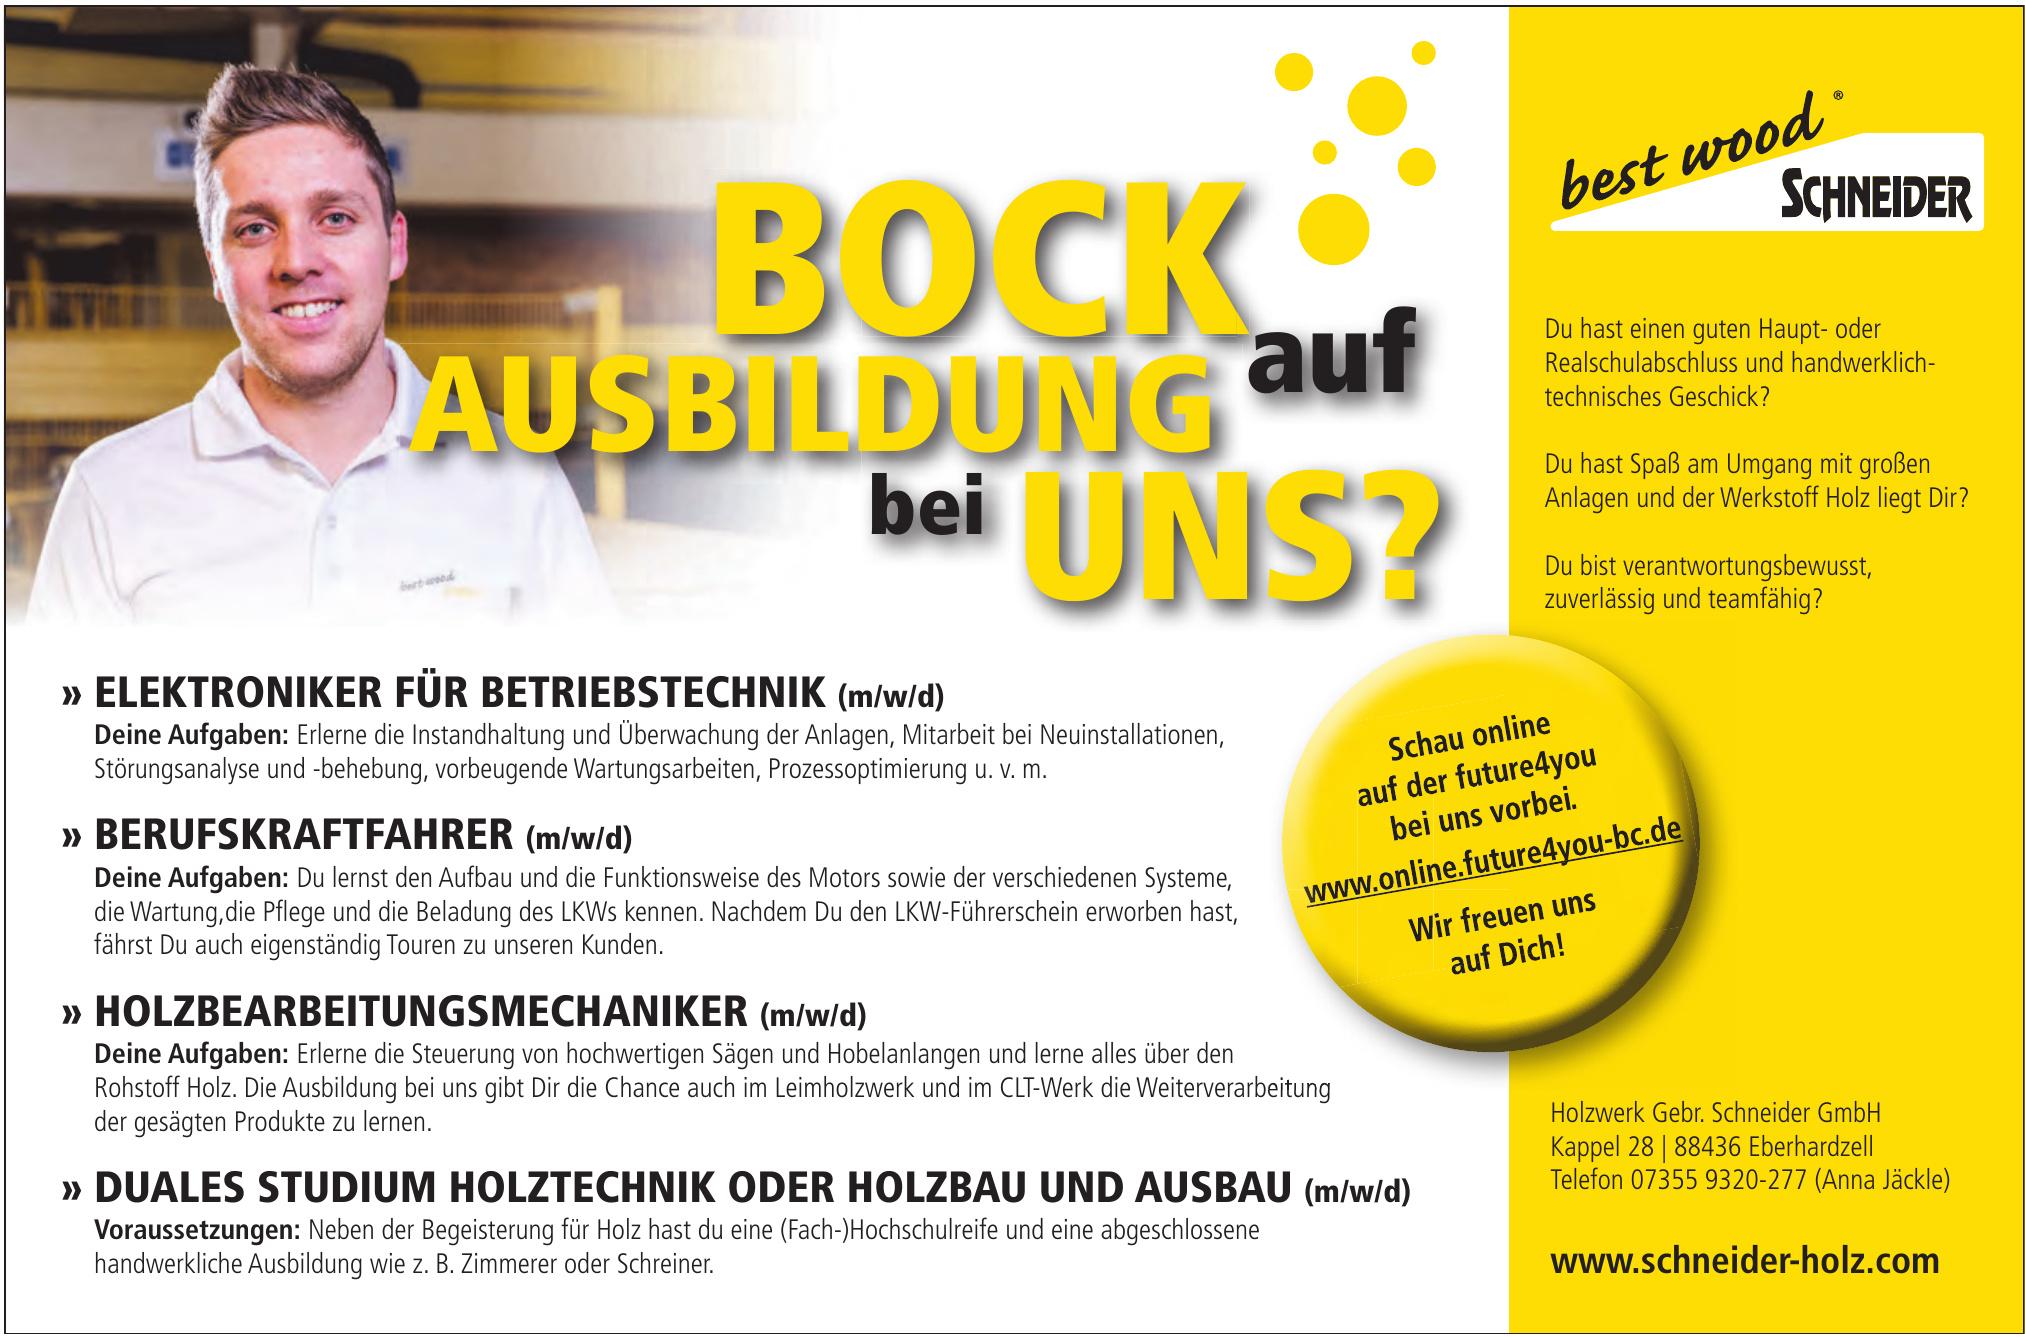 Holzwerk Gebr. Schneider GmbH